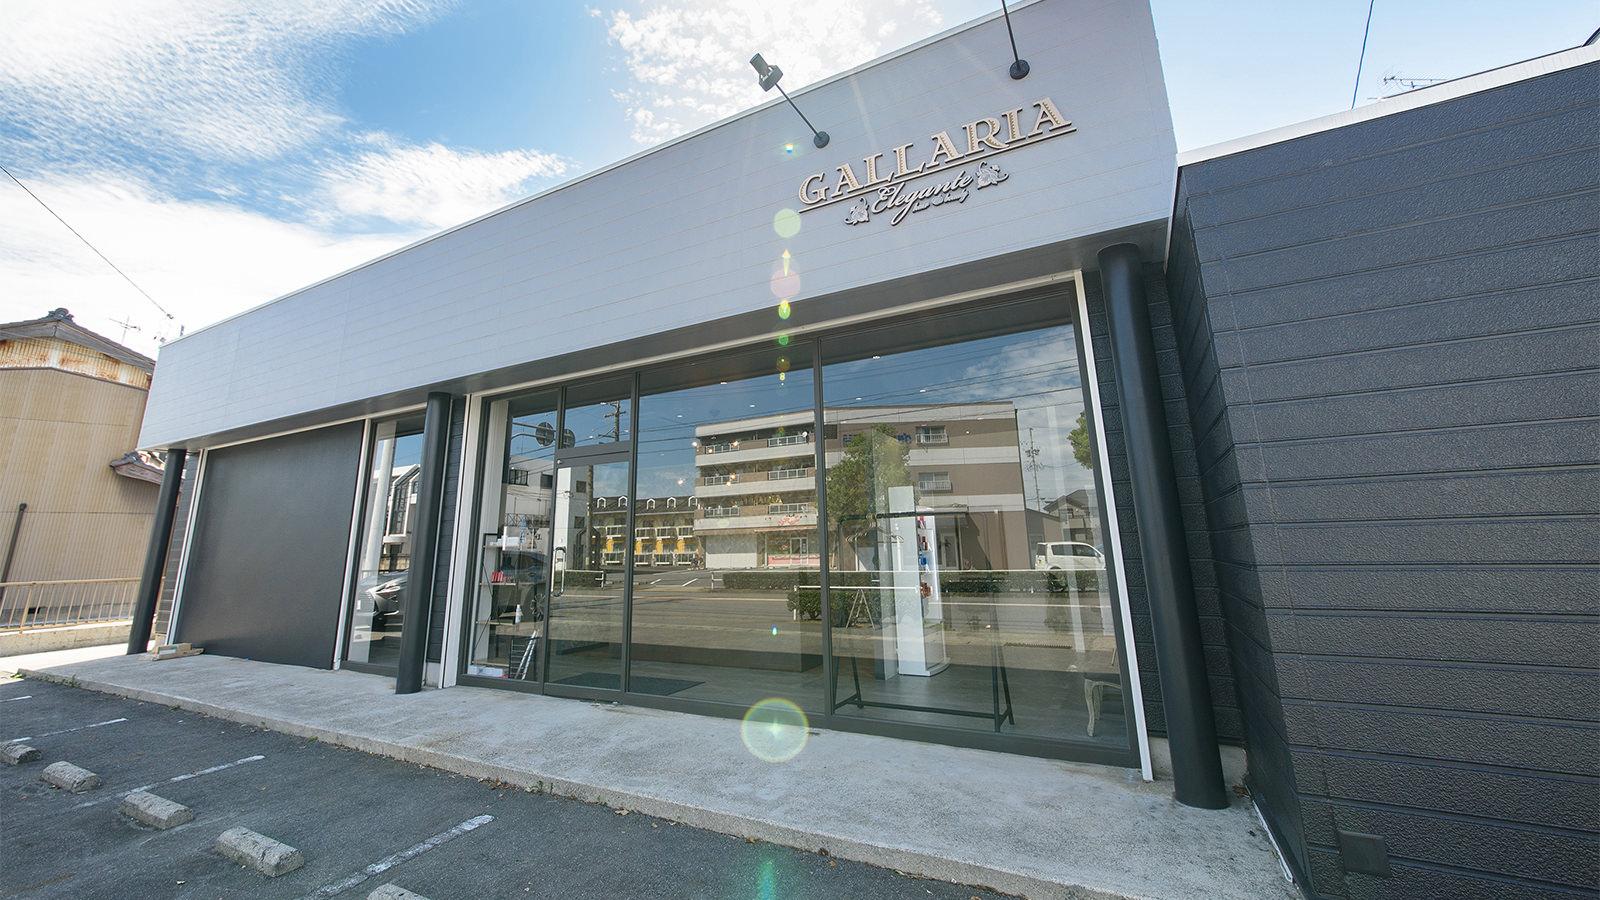 ガレリア エレガンテ 西尾店